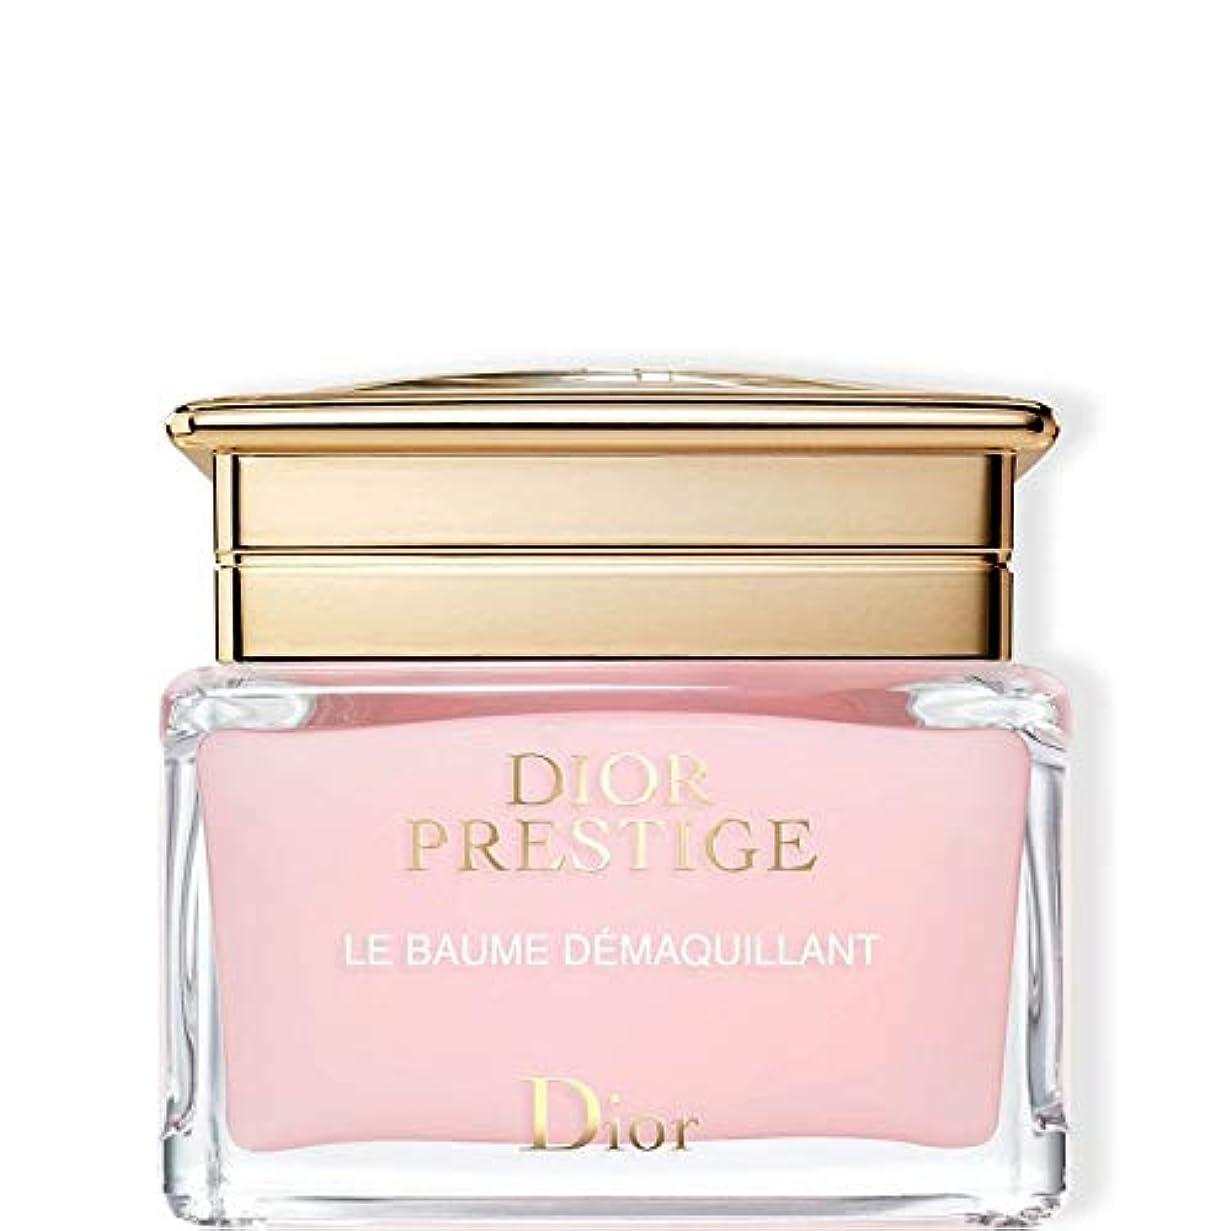 とげのある収束友情Dior(ディオール) プレステージ ル バーム デマキャント 150mL